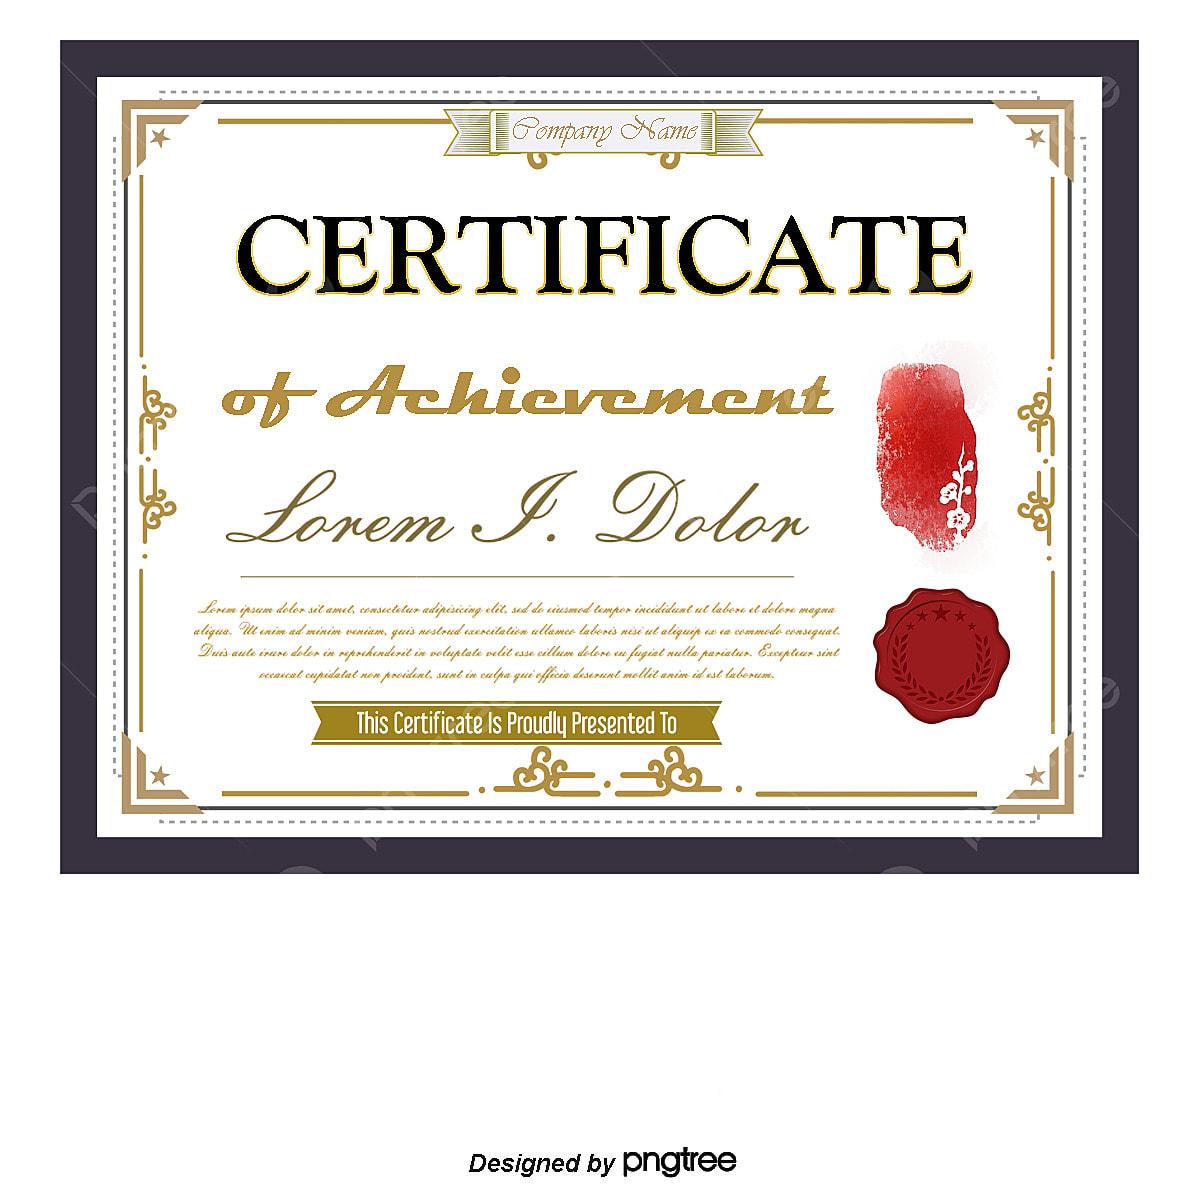 Image Pour Mettre Dans Un Cadre certificat de cadre, certificat de cadre, certificat